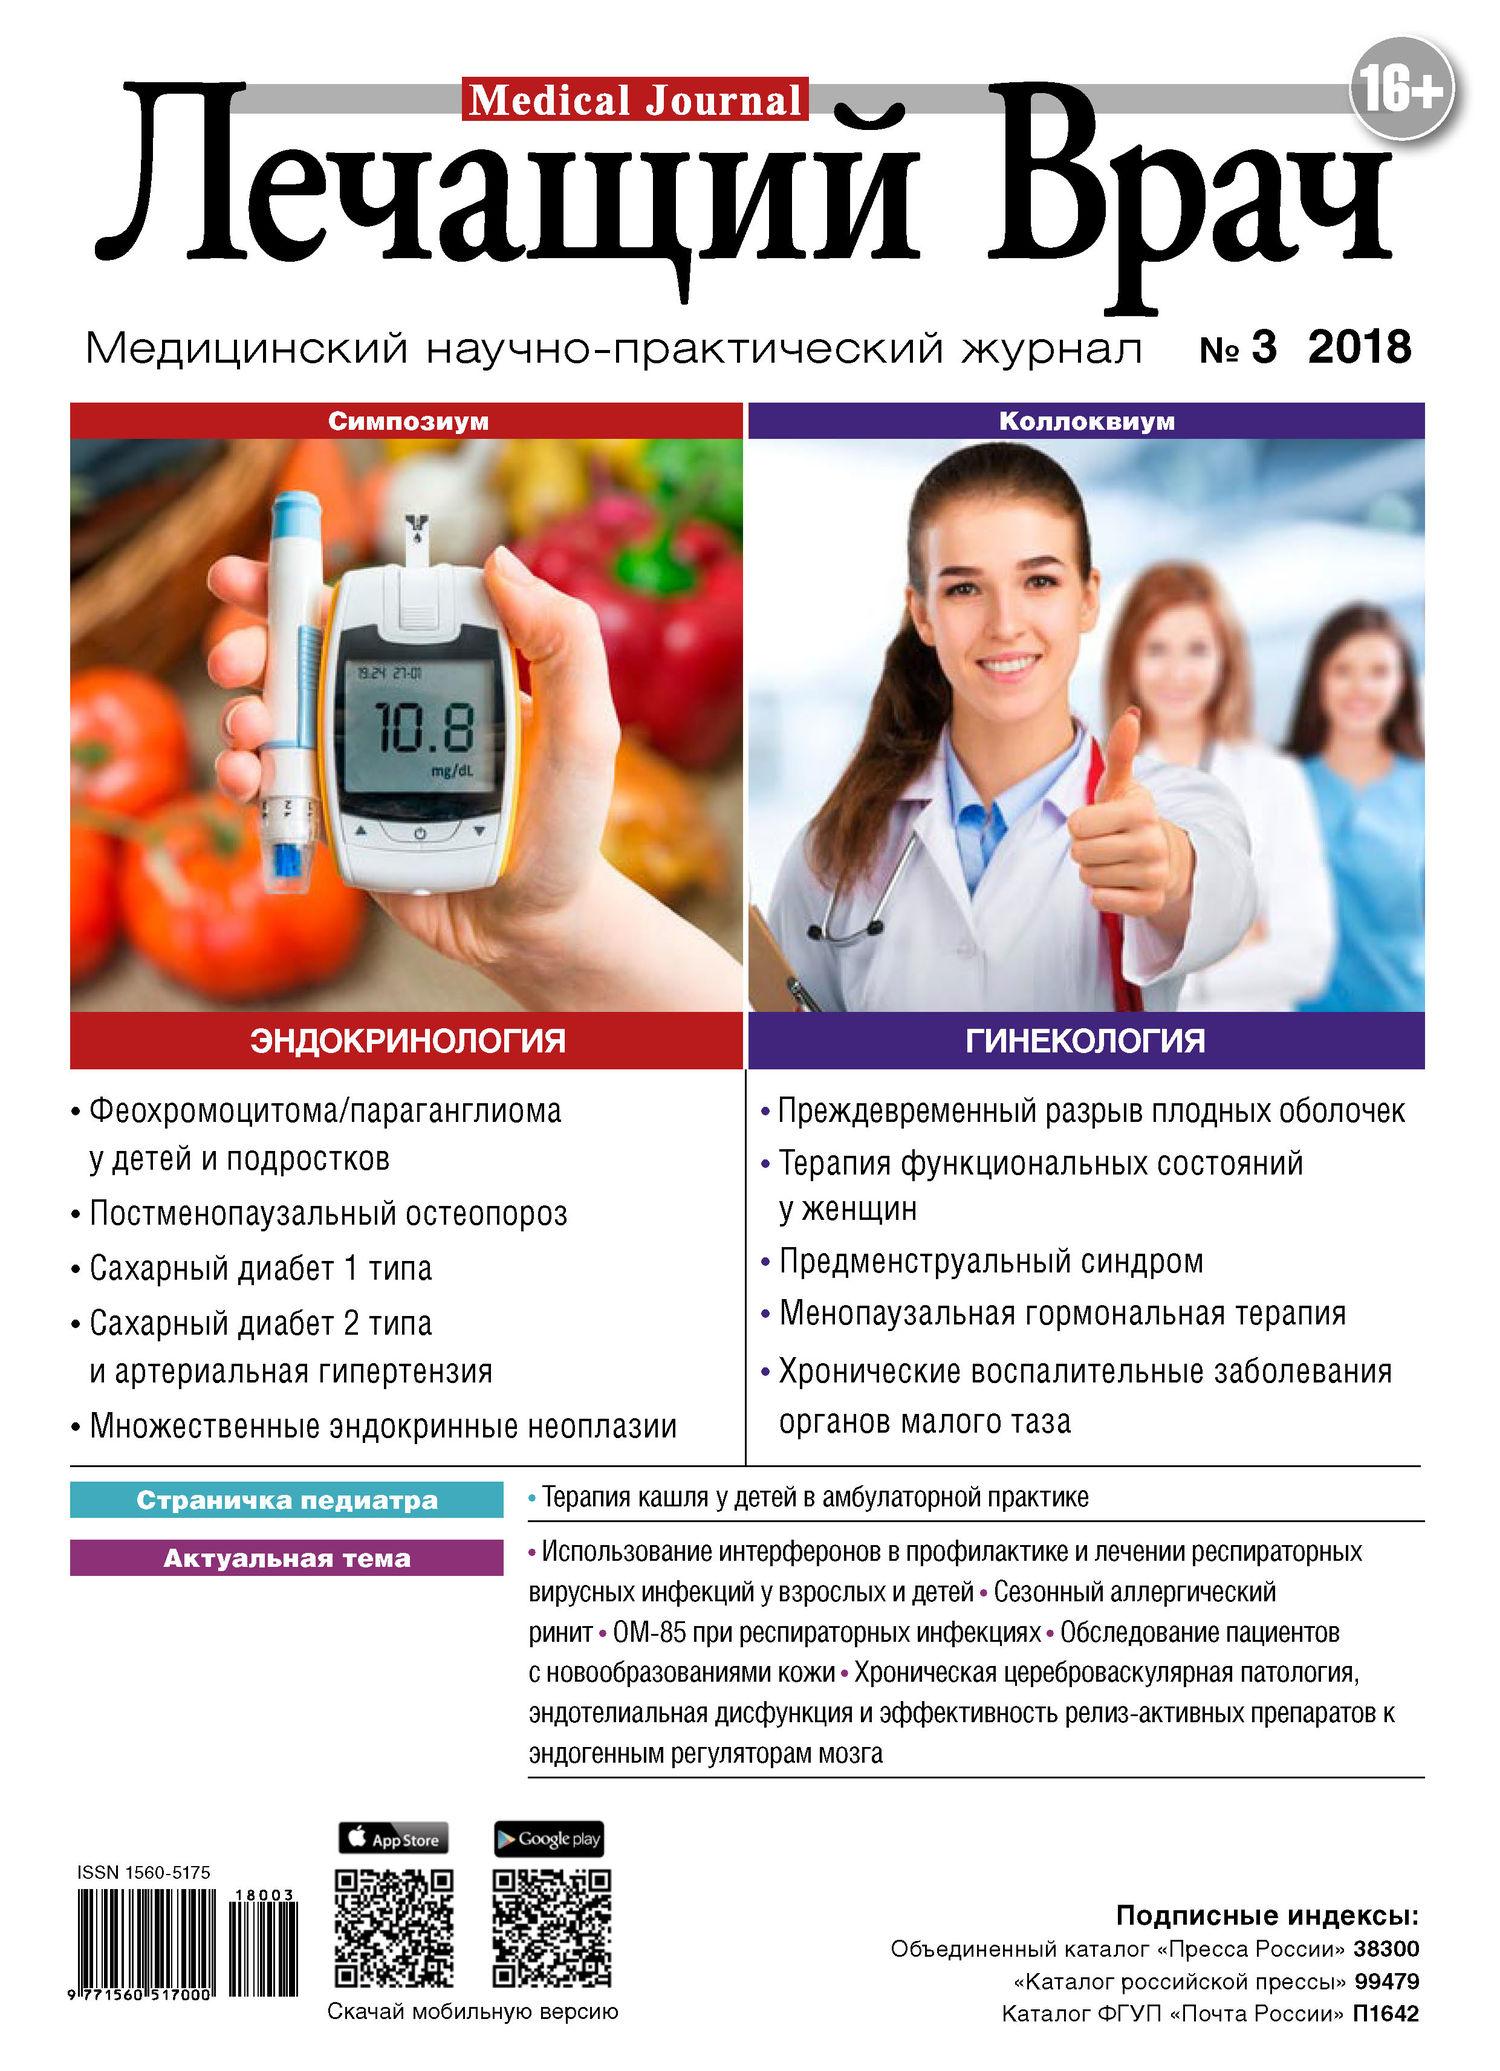 Открытые системы Журнал «Лечащий Врач» №03/2018 открытые системы журнал лечащий врач 01 2018